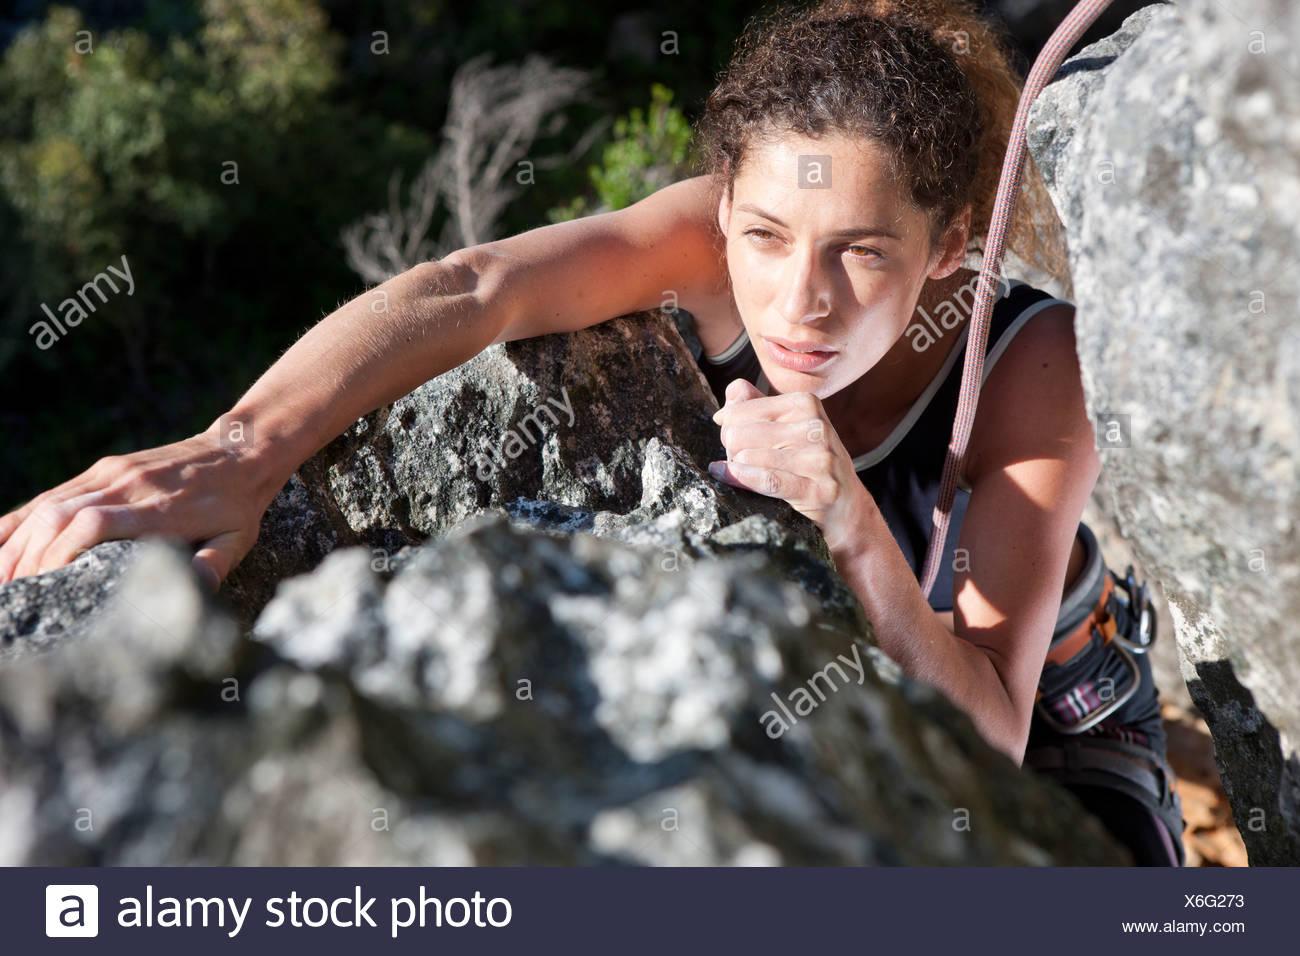 Junge weibliche Kletterer Felswand hochschieben Stockfoto